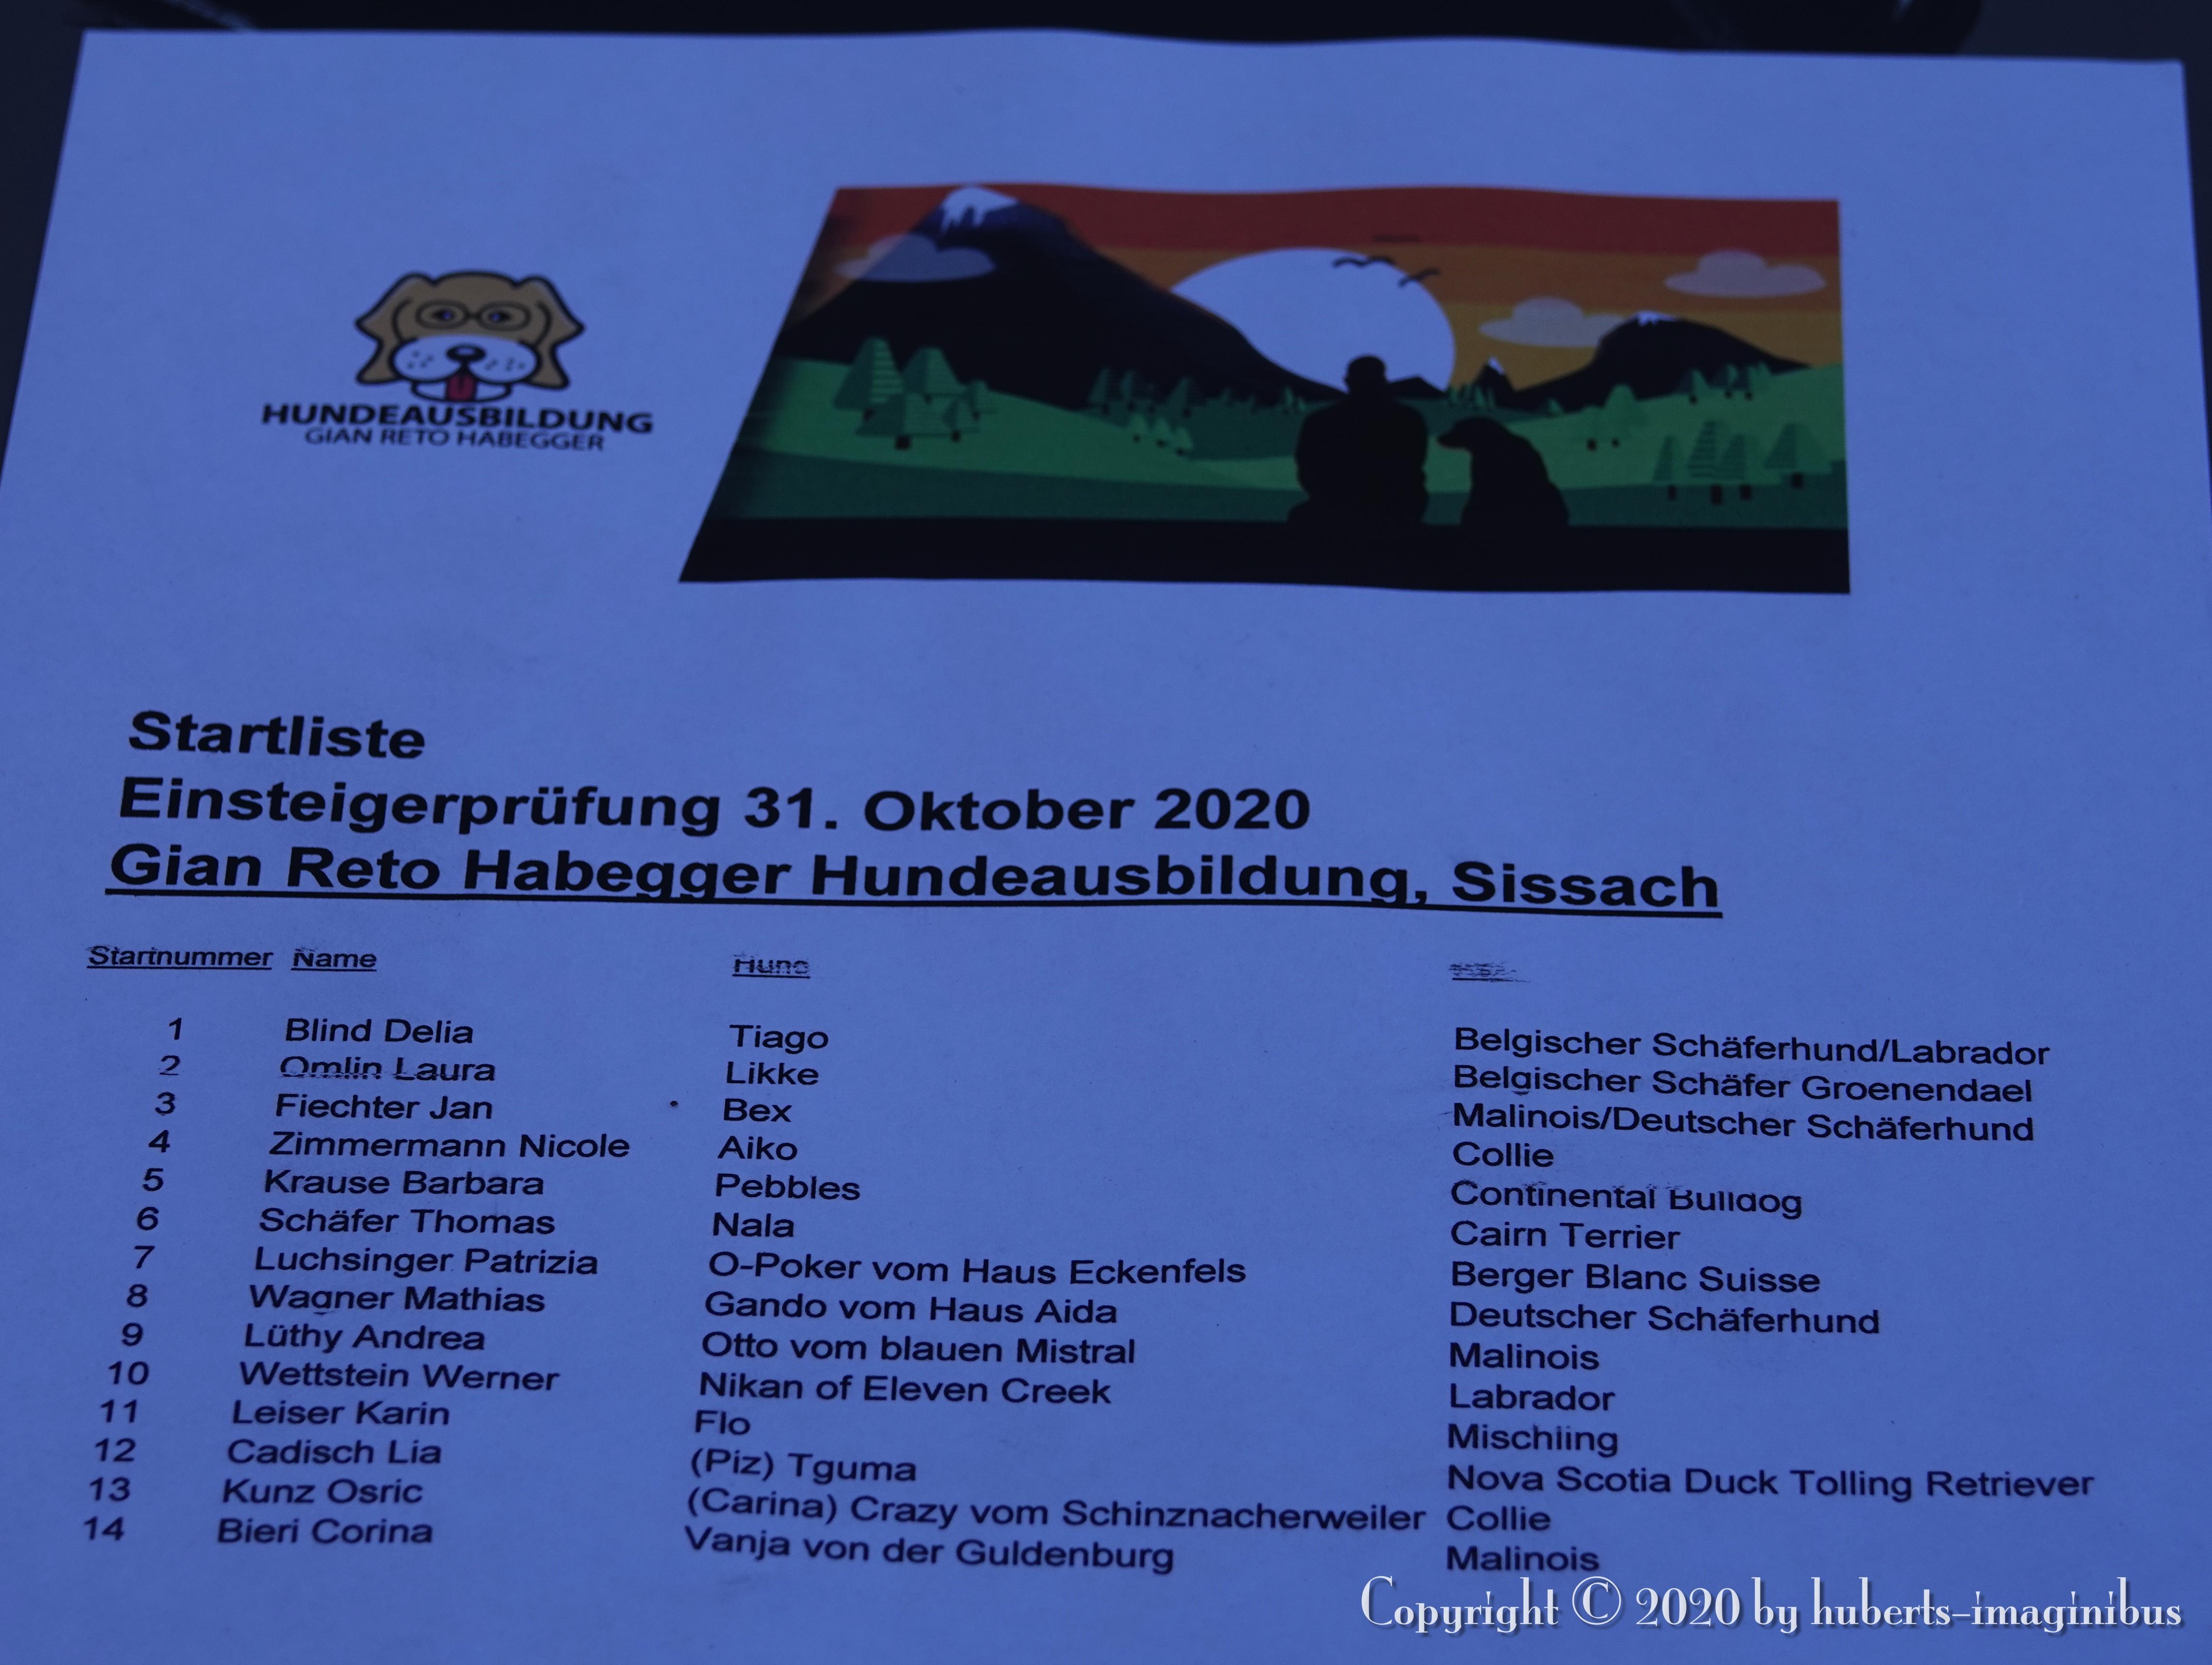 Einsteigerprüfung, 31.10.2020 in Sissach